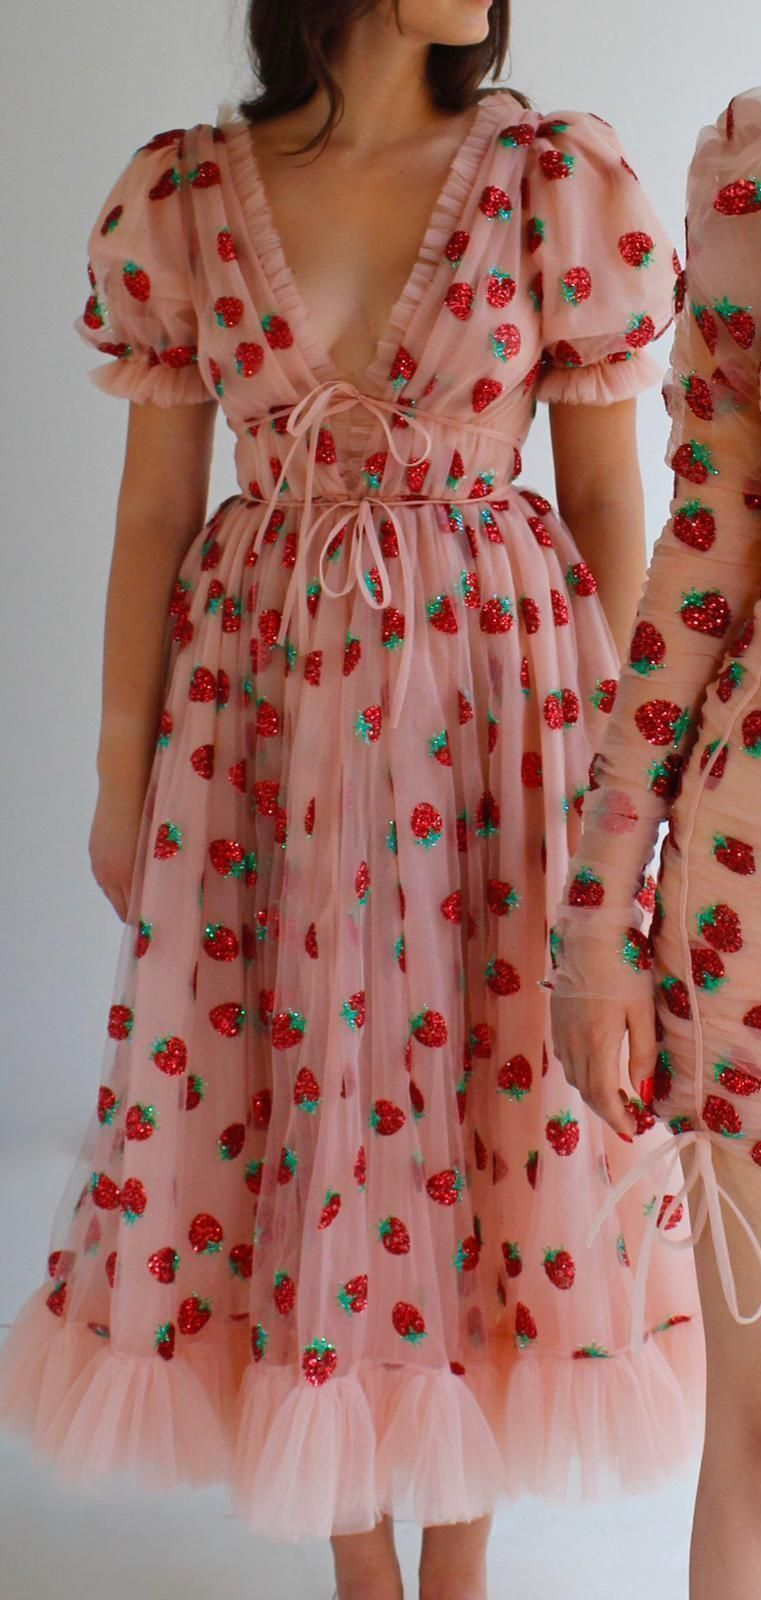 Strawberry Midi Dress In 2021 Tulle Midi Dress Dresses Cute Prom Dresses [ 1600 x 761 Pixel ]